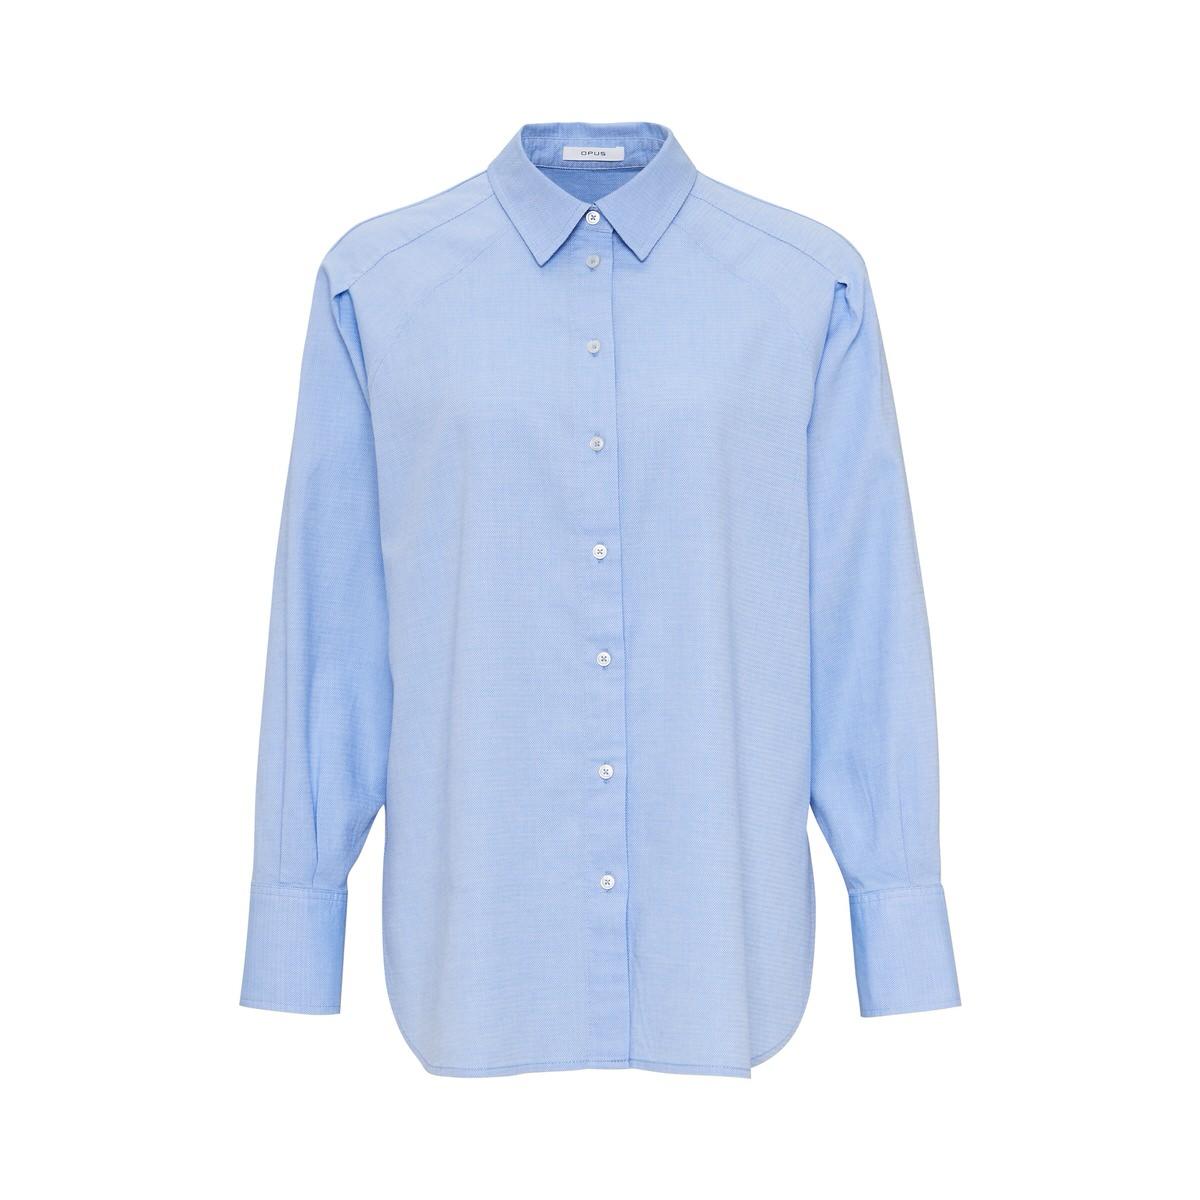 Artikel klicken und genauer betrachten! - Die Oversize Bluse aus einer hochwertigen Baumwoll-Qualität verkörpert den klassischen Hemdblusen-Charakter, inspiriert aus der Herrenmode. Schöne Details sind die Two-Tone-Optik und die doppelte Nahtführung auf der Schulter, die den klassischen Look brechen.   im Online Shop kaufen